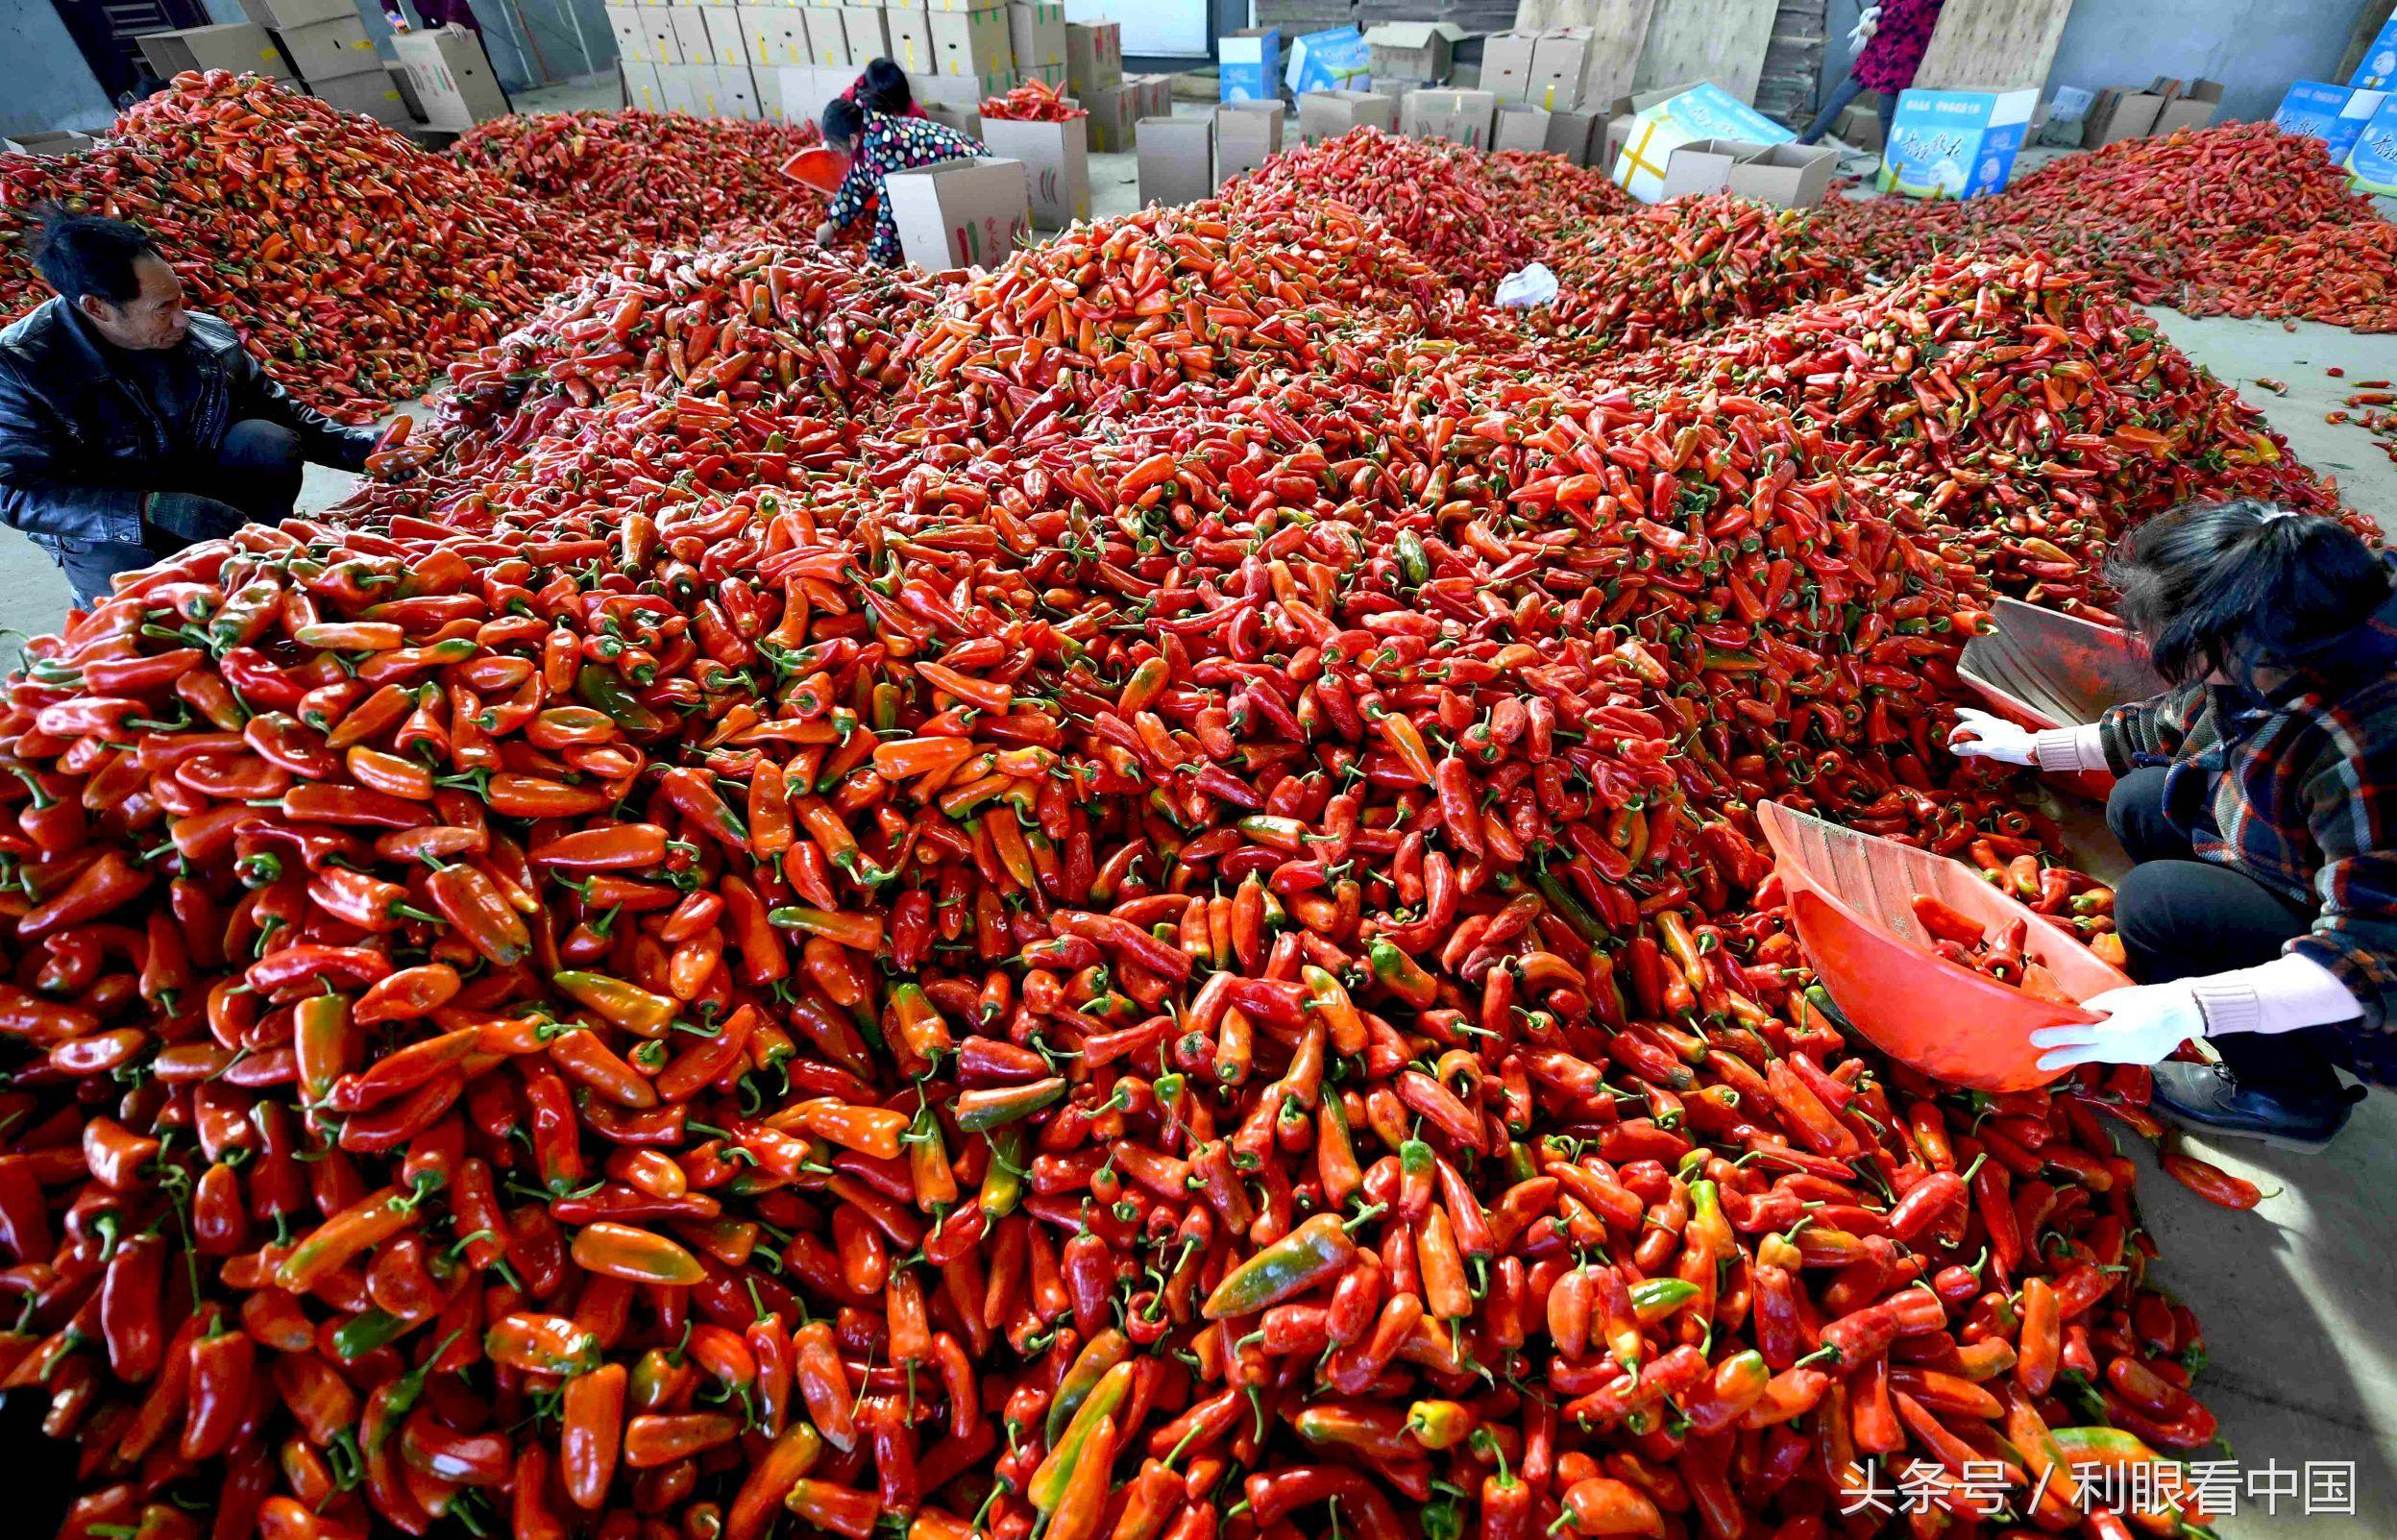 11月23日,在安徽省阜阳市阜南县会龙镇皖西北蔬菜交易大市场里,农民在